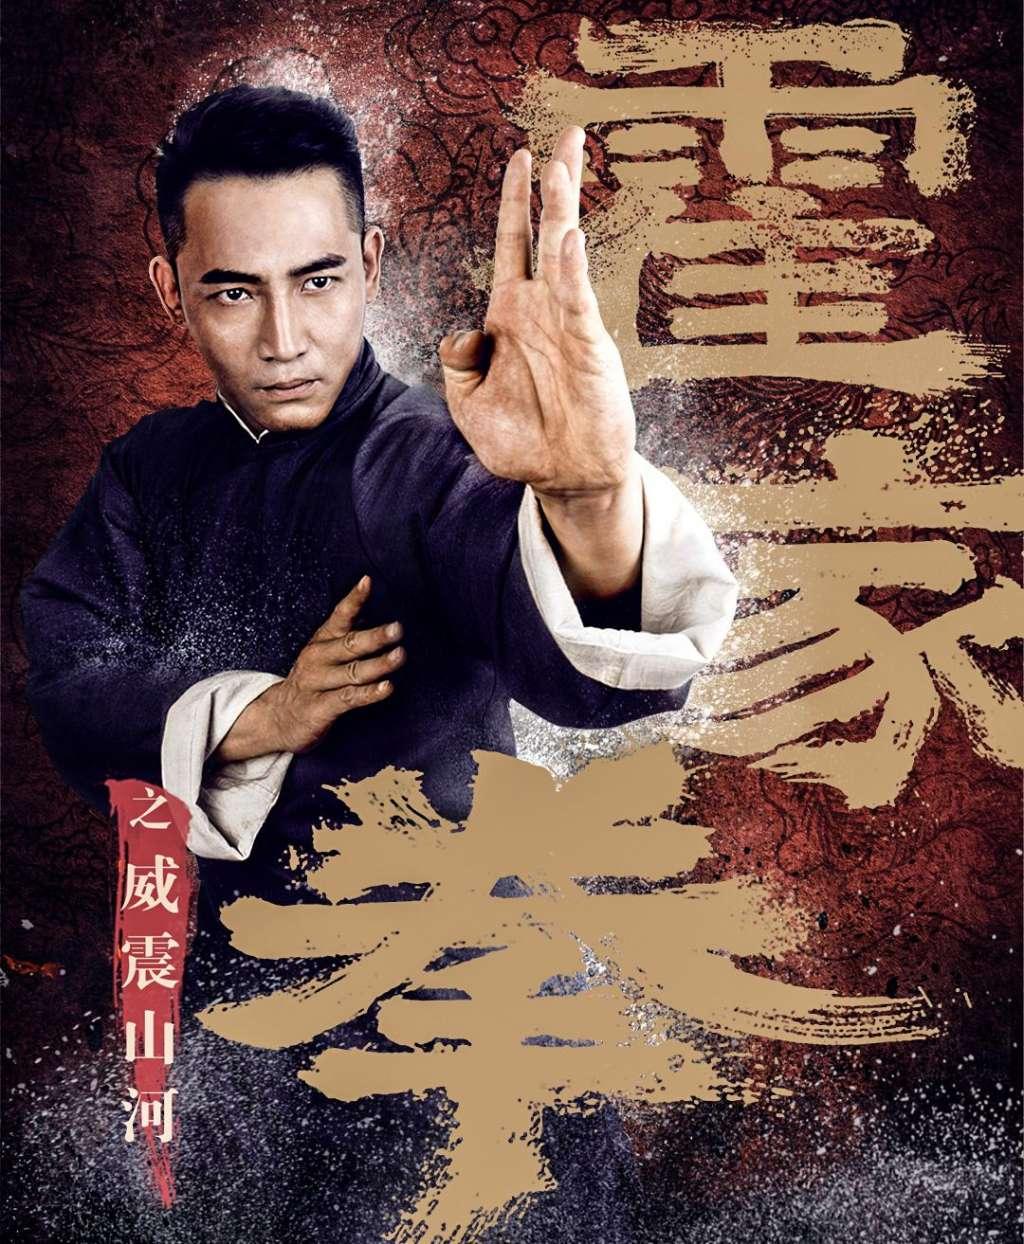 Shocking Kung Fu of Huo's kapak